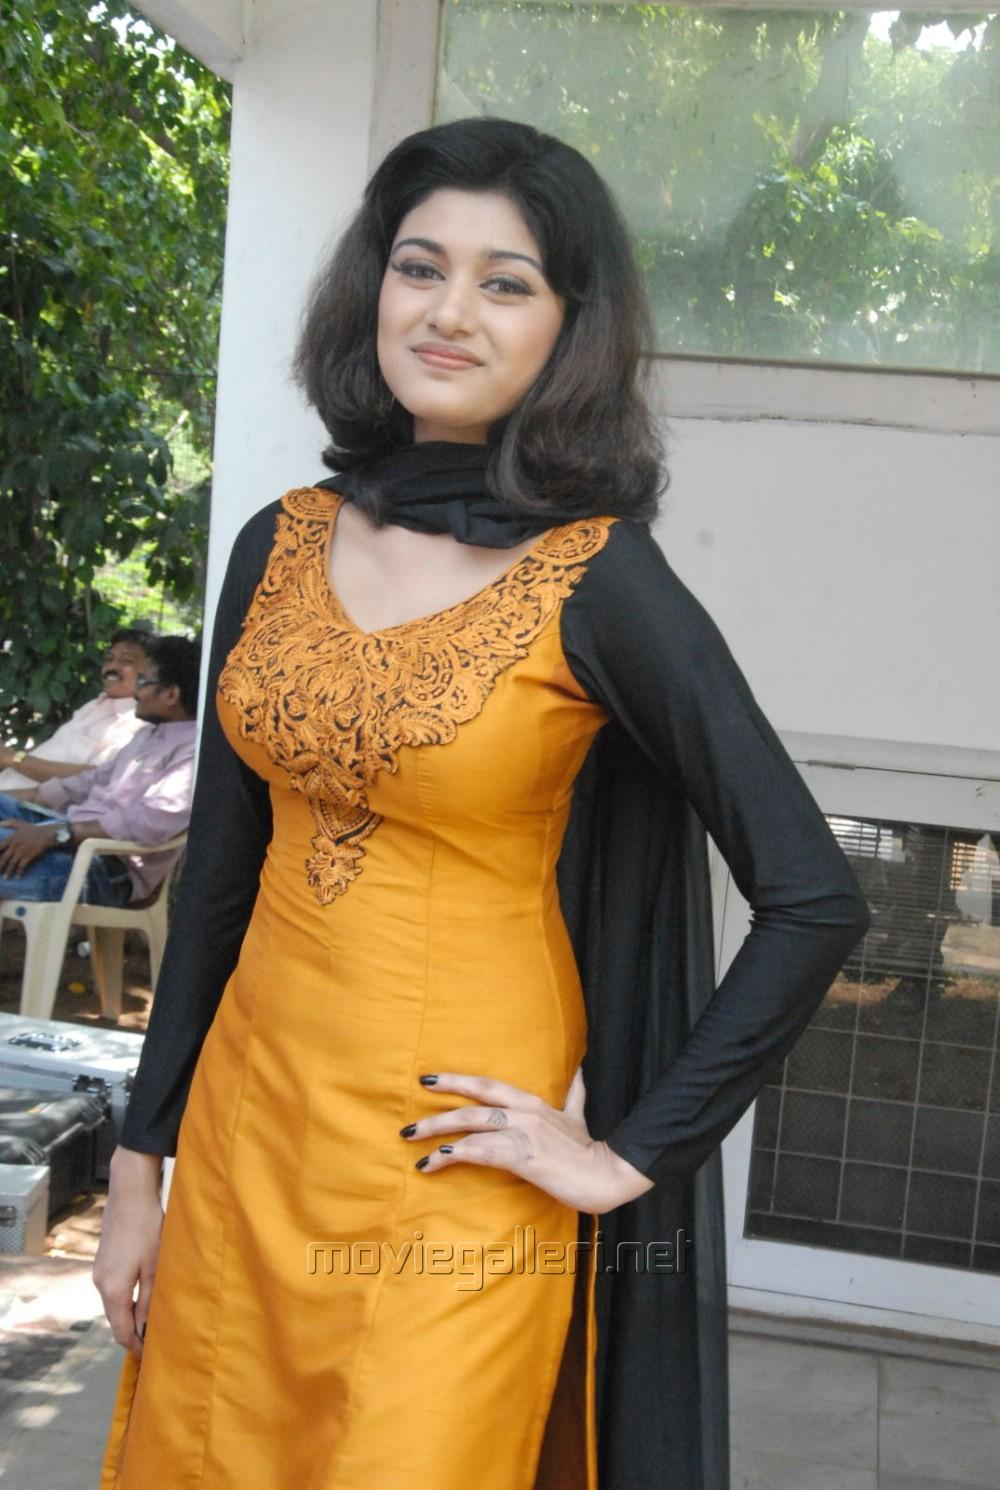 Sexy girl salwar kameez